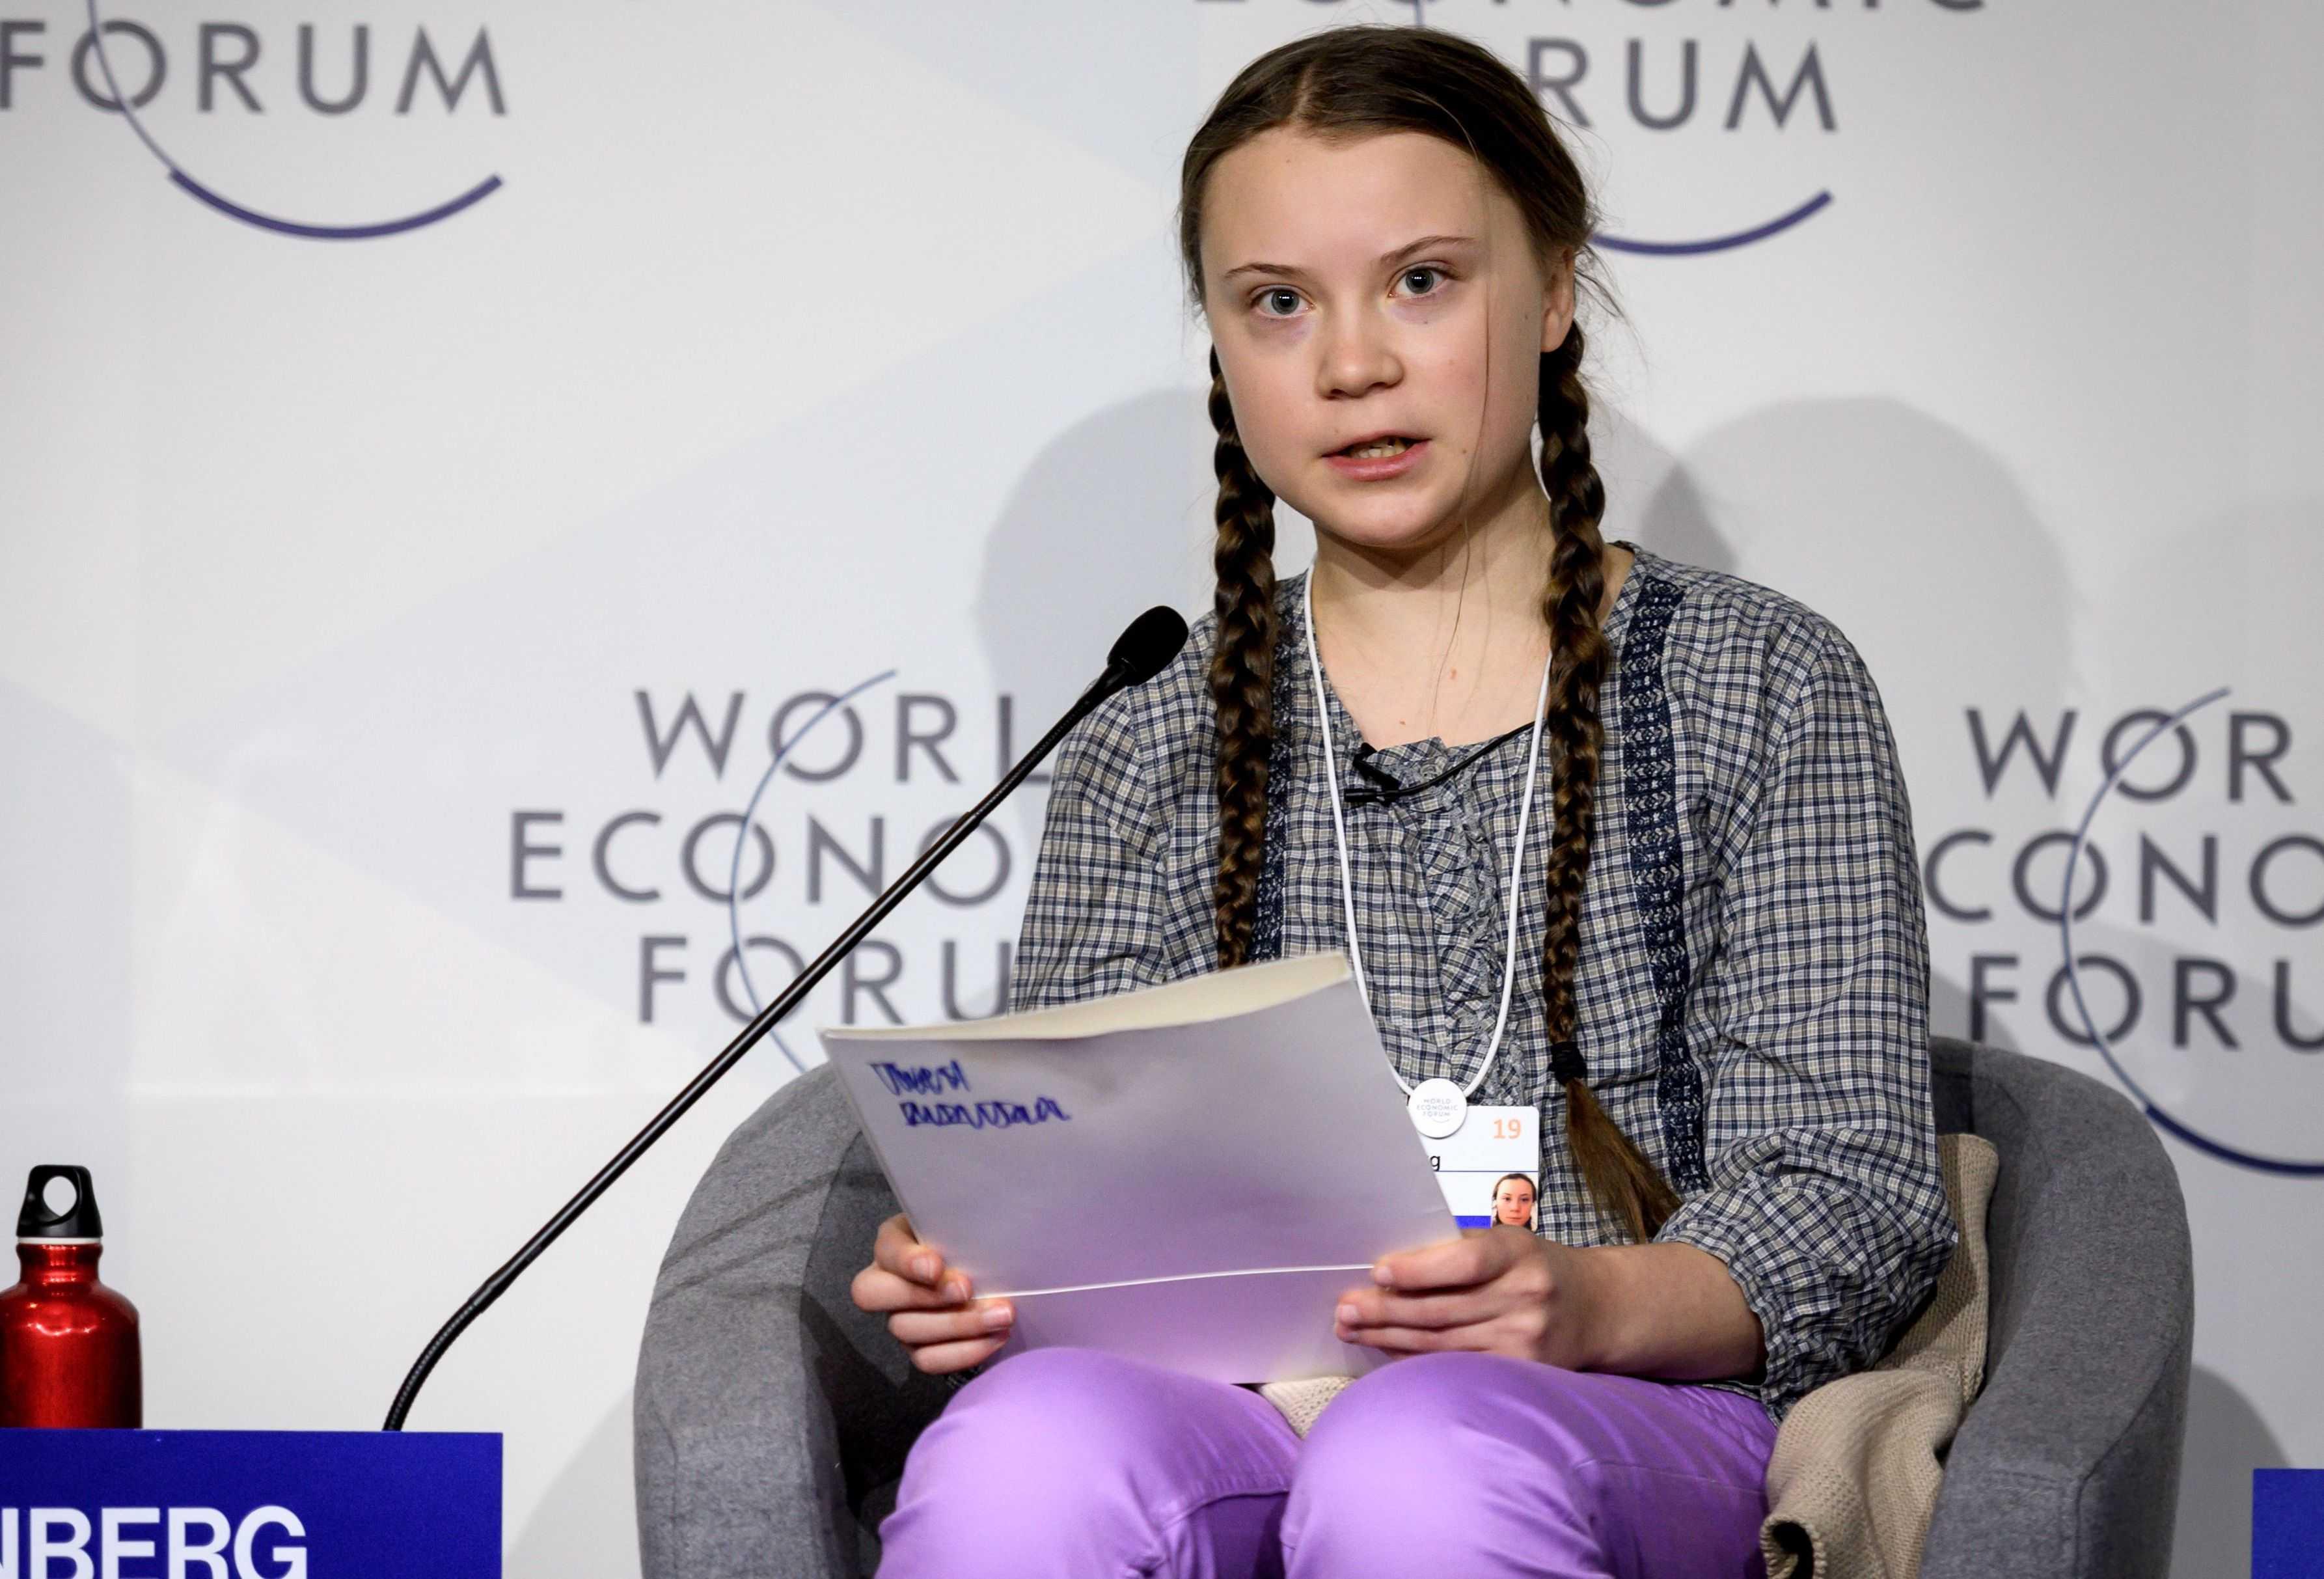 Greta thunberg Speeches